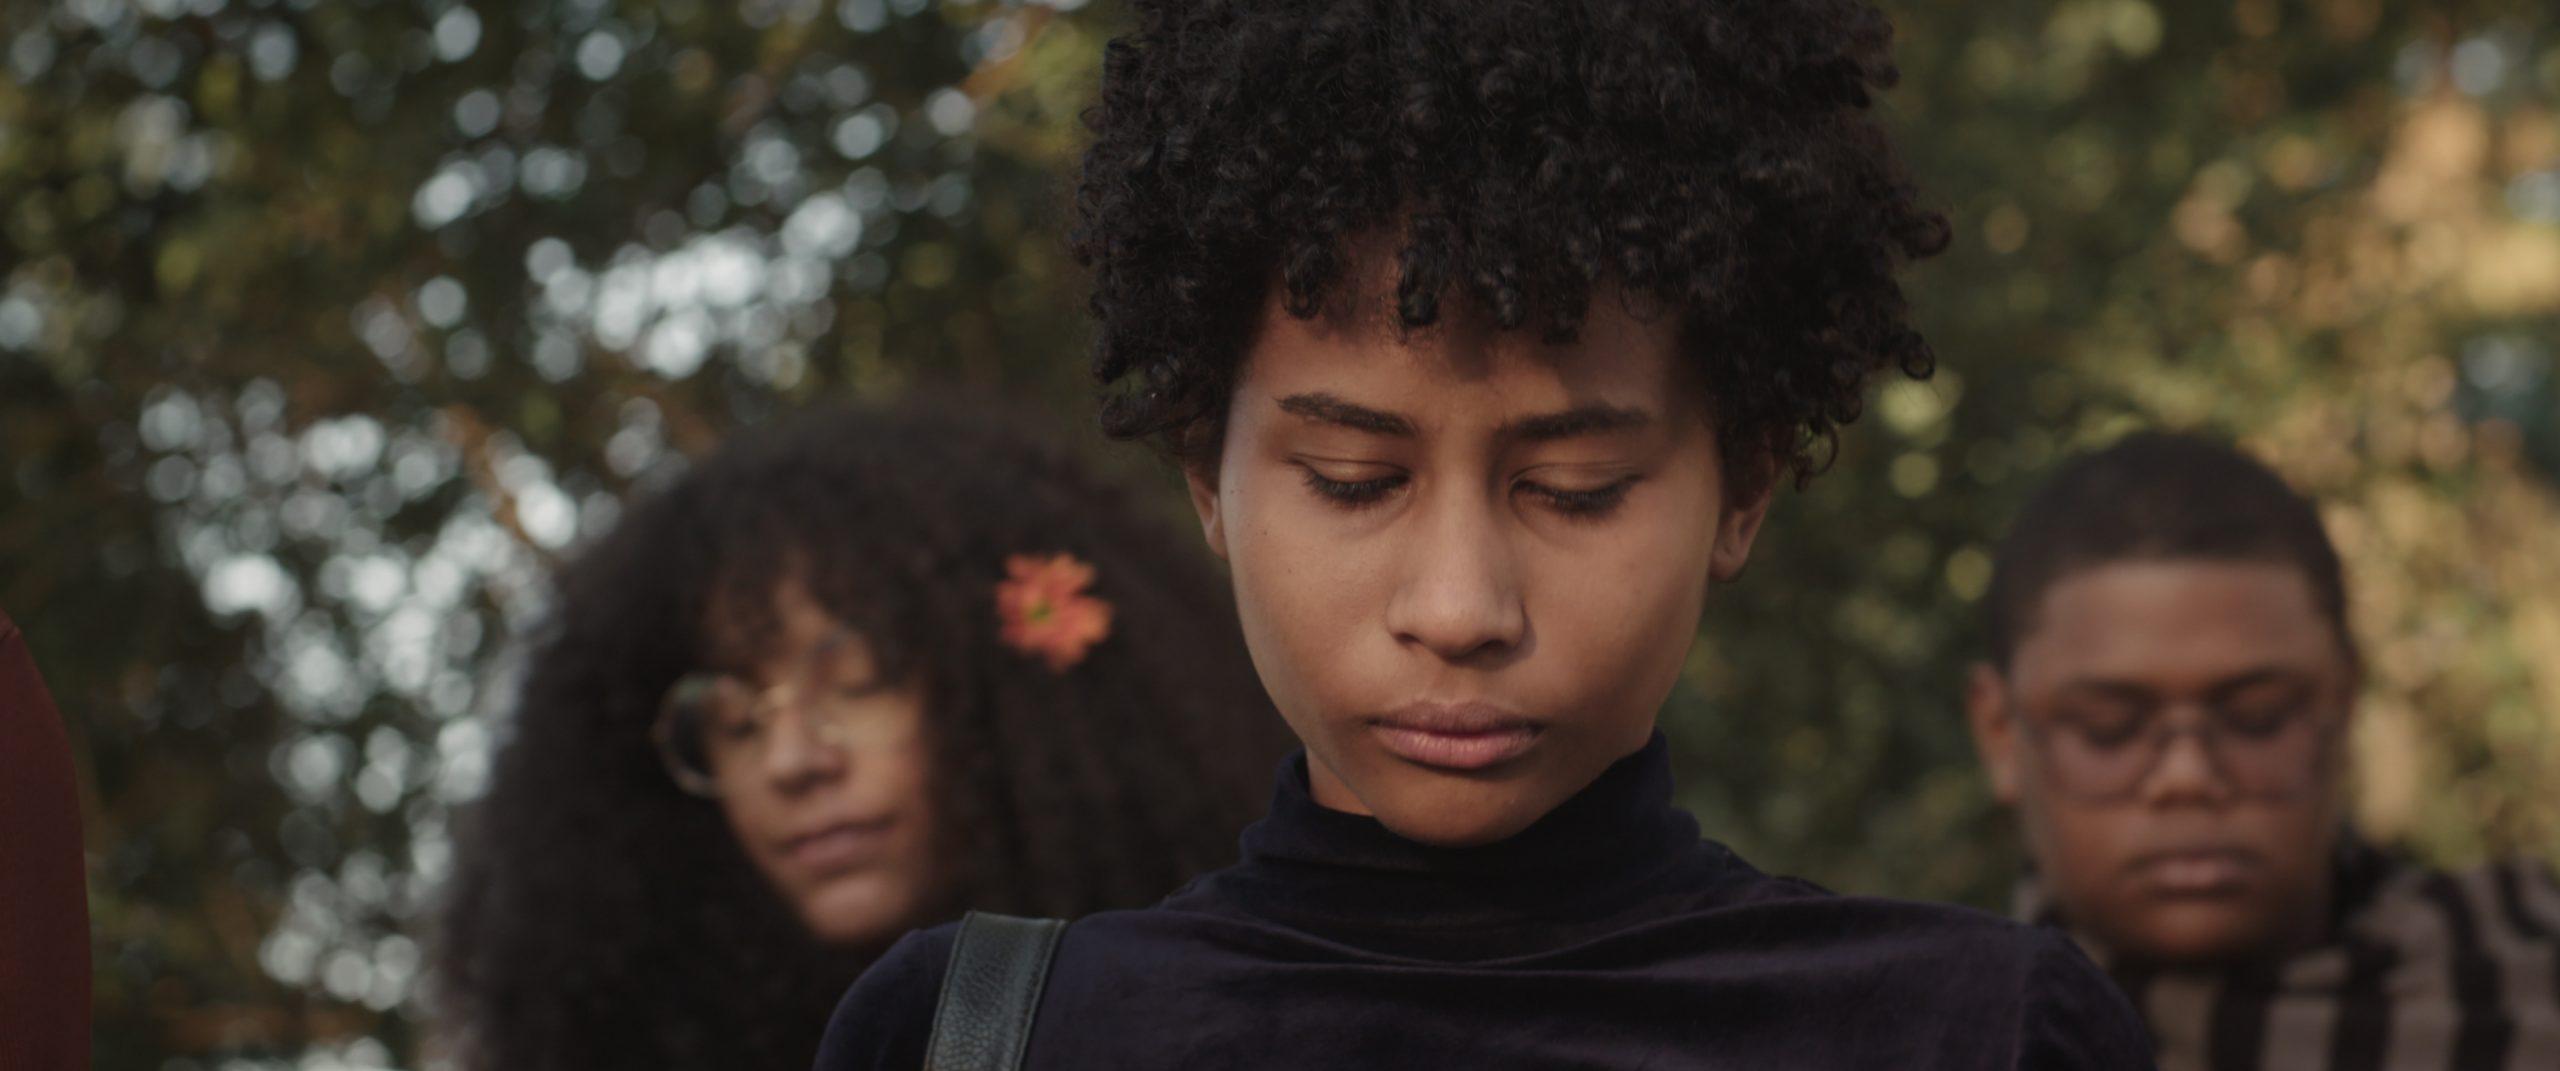 memoria-de-quem-nao-fui-2019-porto-alegre